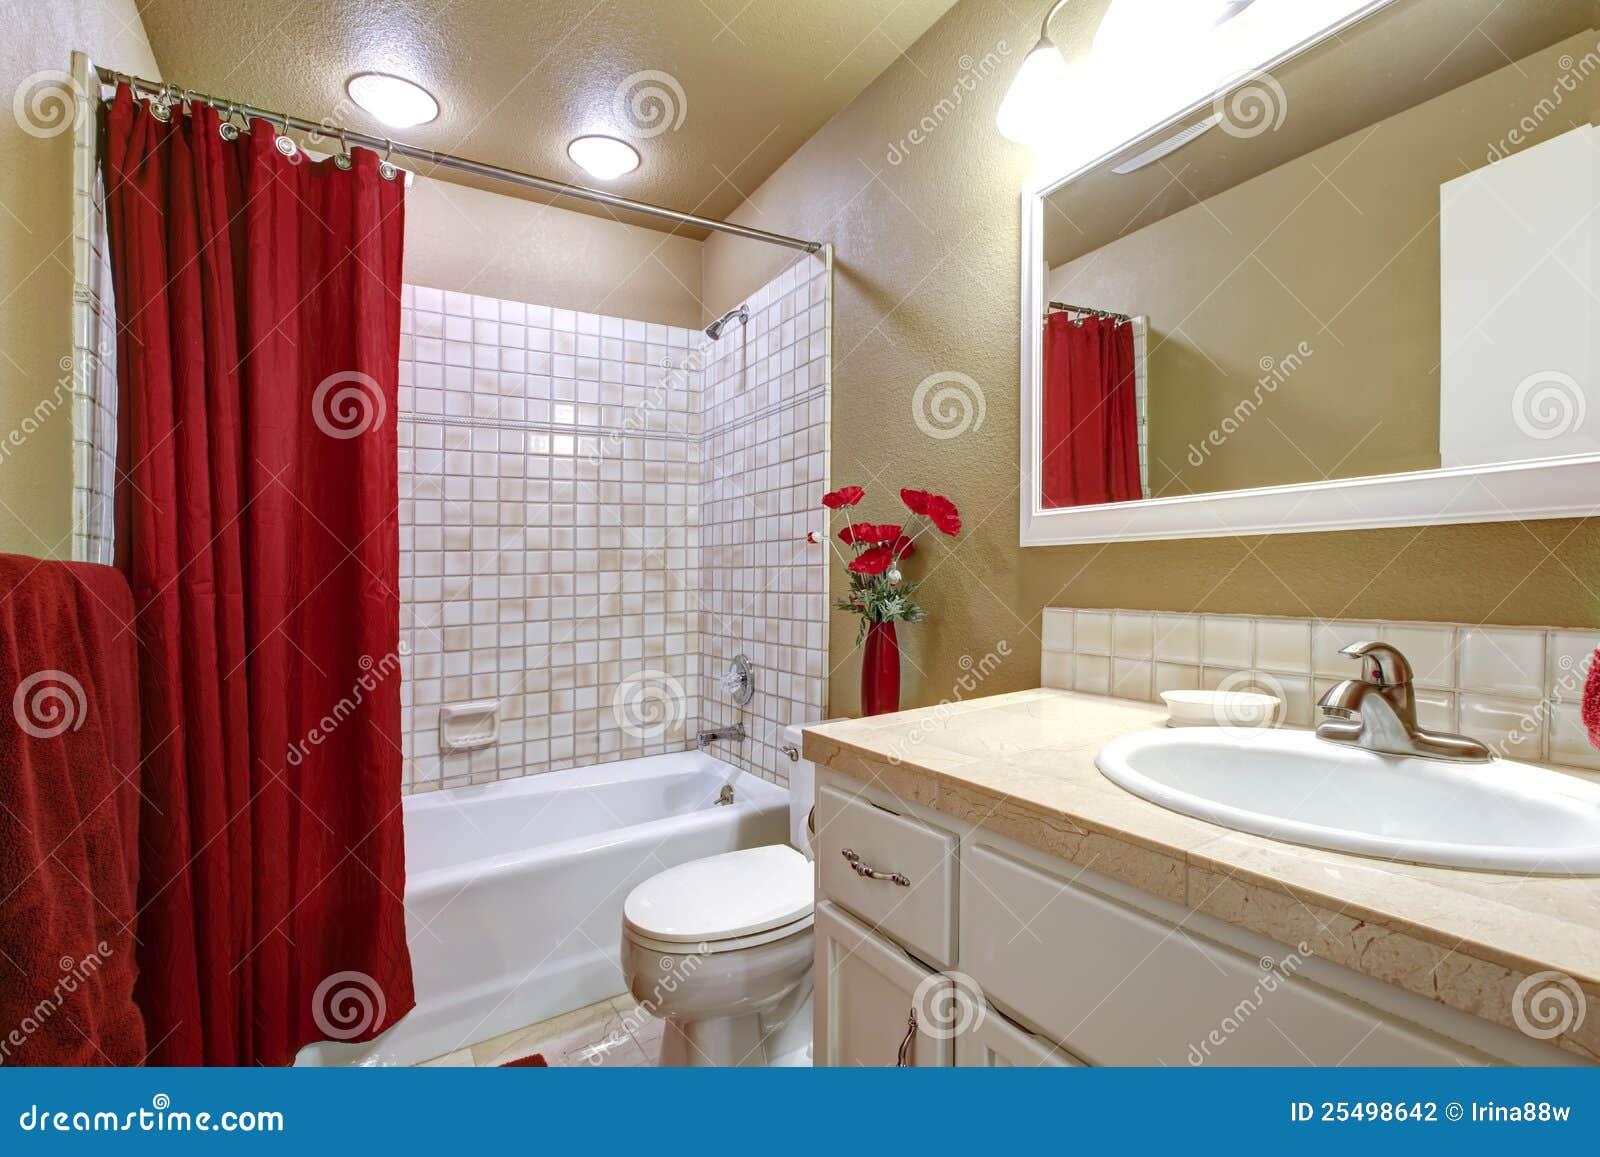 #474348 Banheiro Bege E Vermelho Elegante Com Cuba E Dissipador  1300x957 px modelo de banheiro simples e pequeno